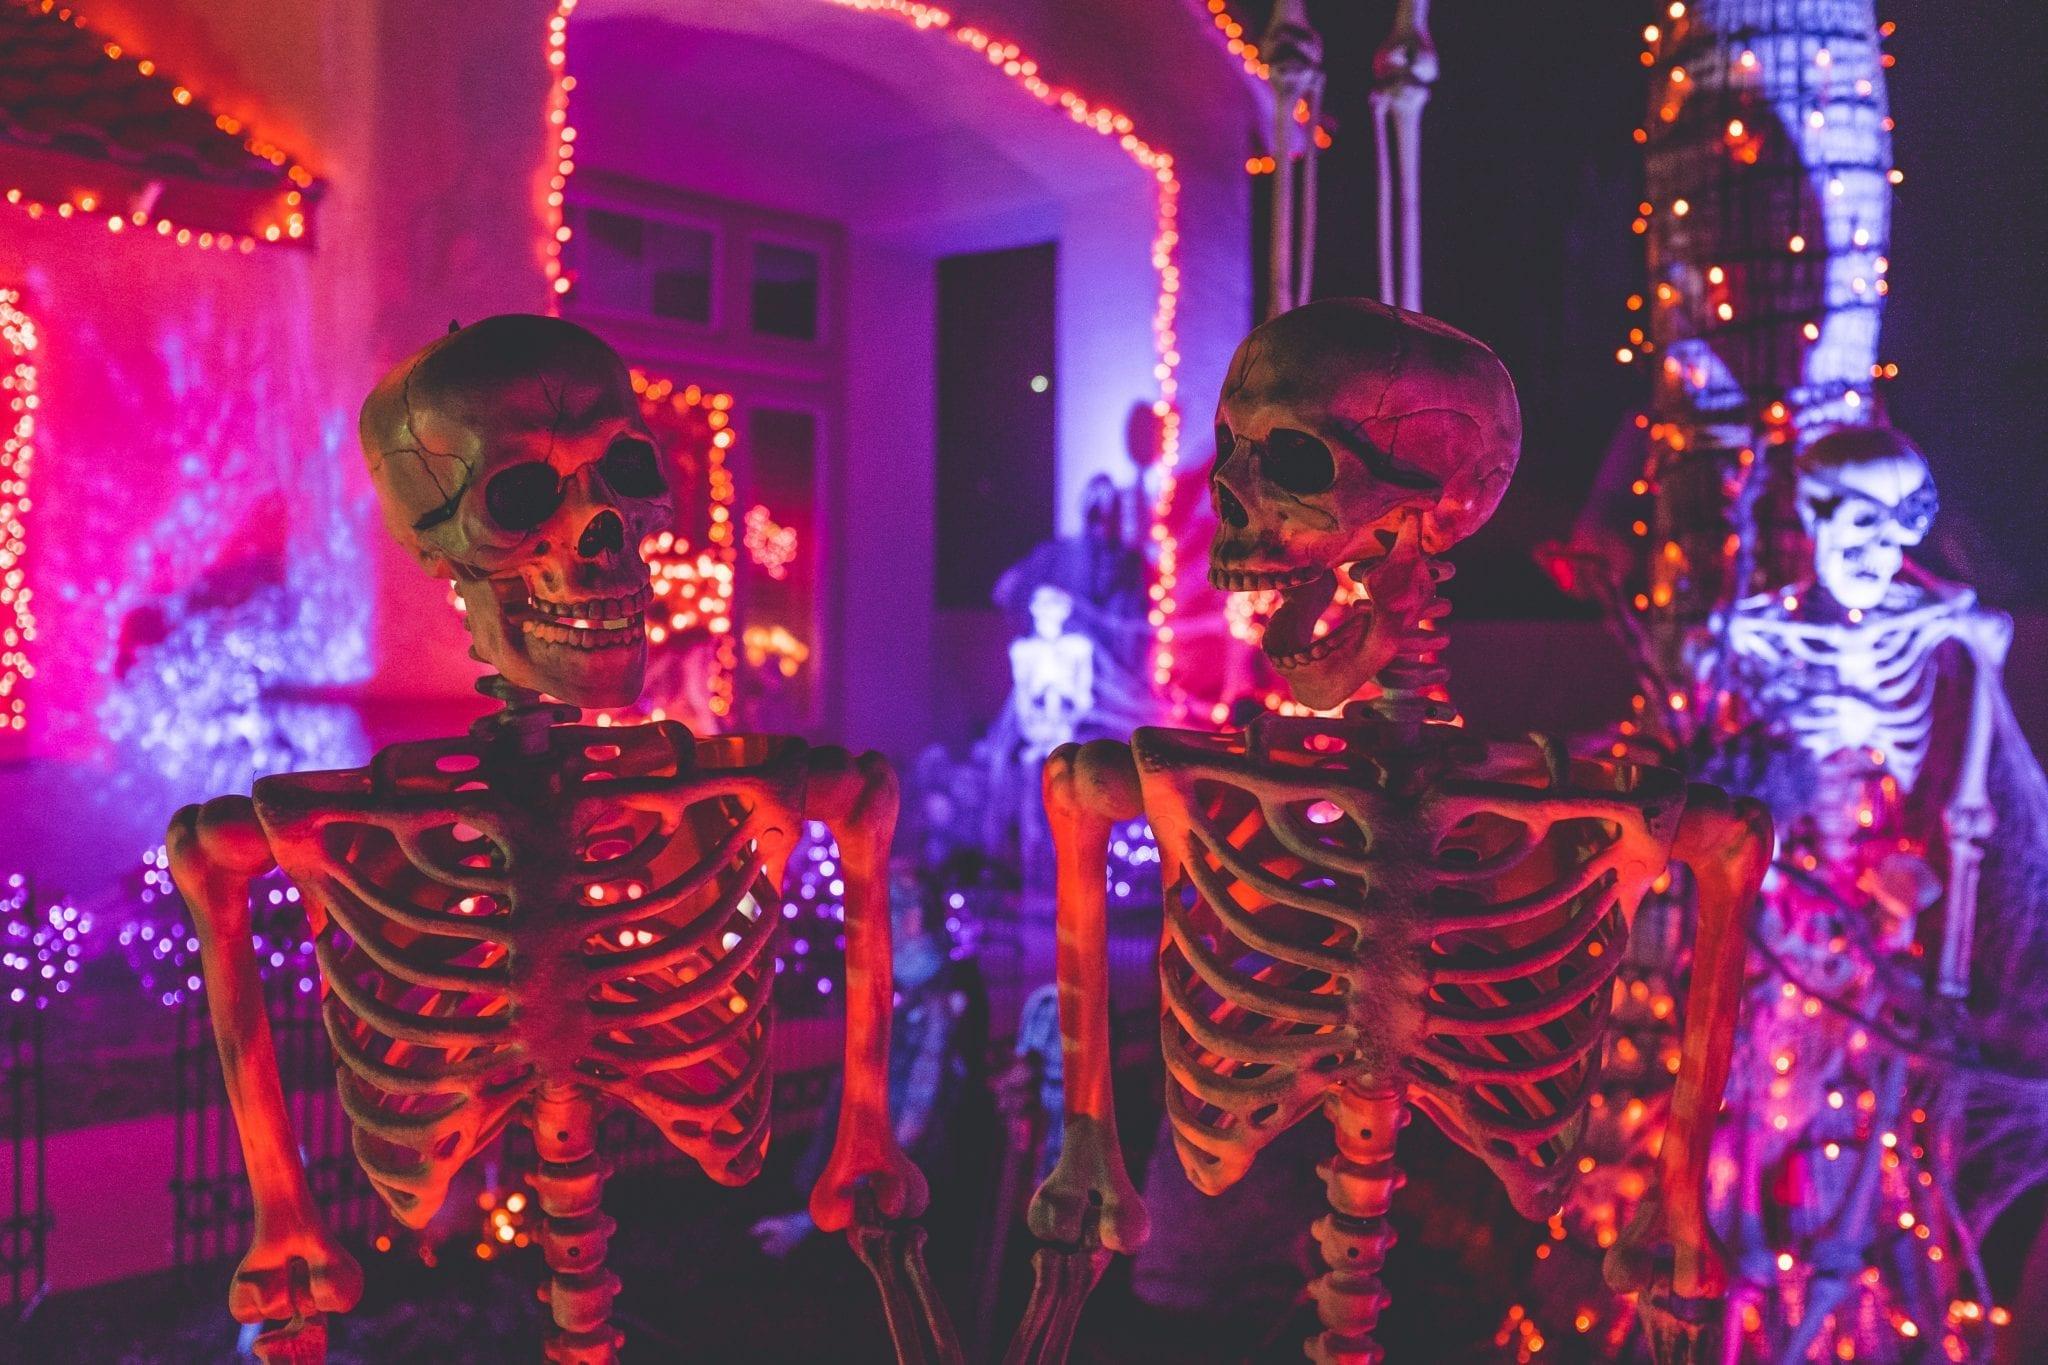 Halloween in Ireland